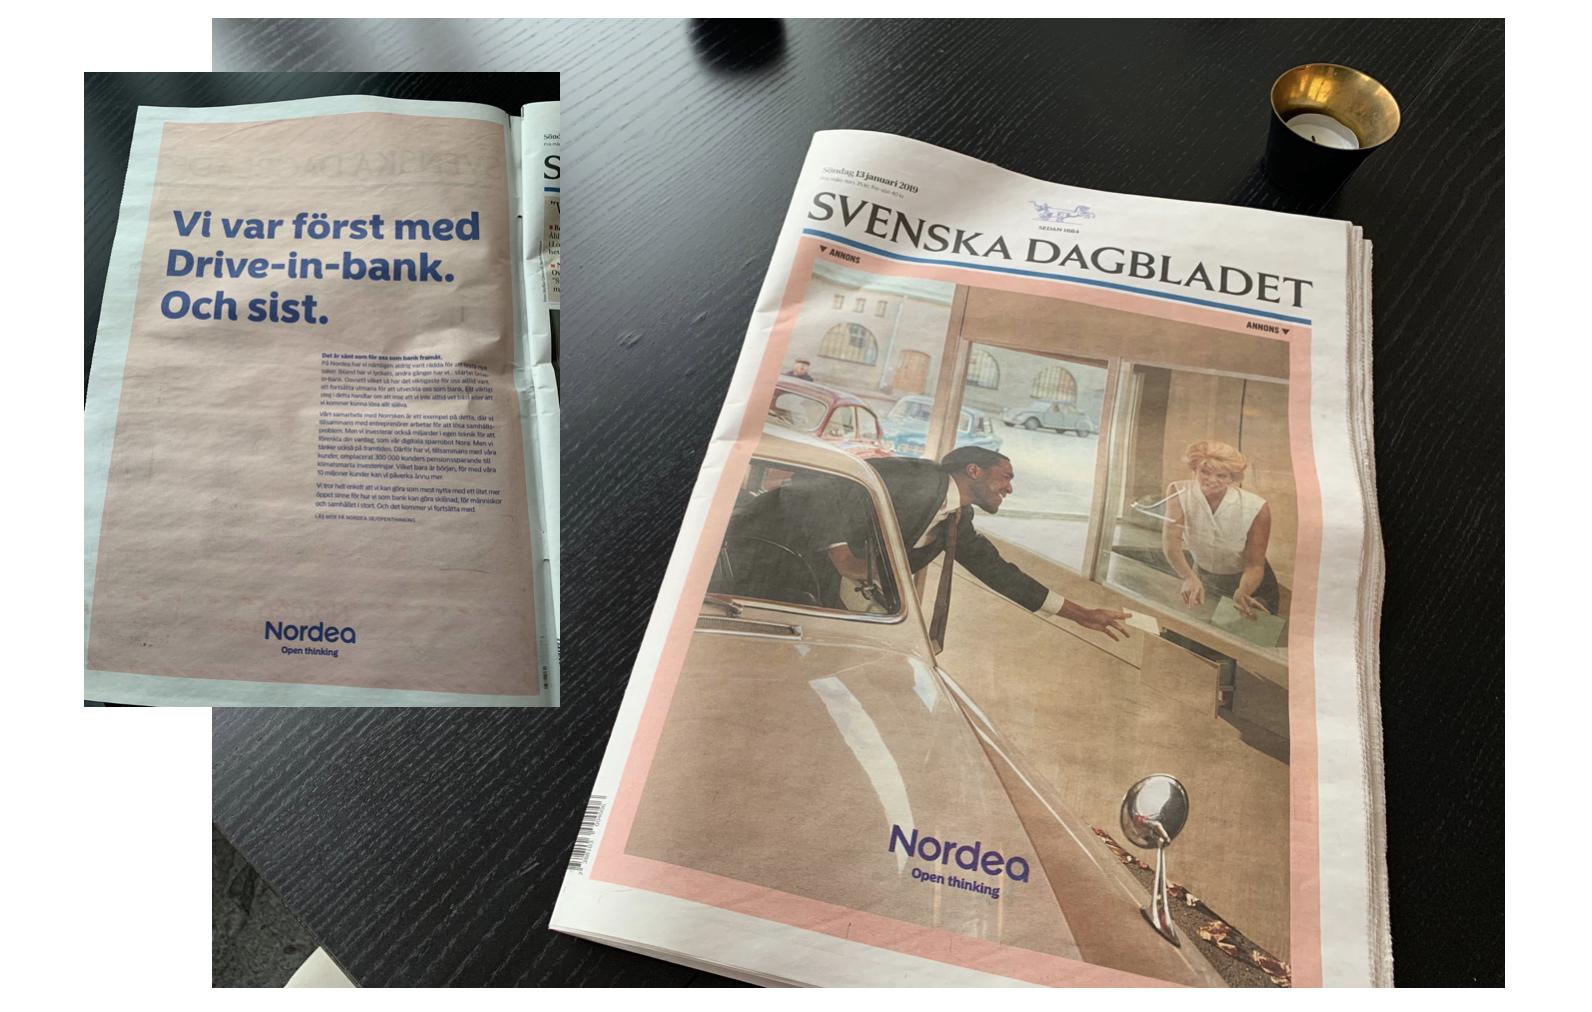 Nordea i Svenska Dagbladet söndagen 13 feb 2019